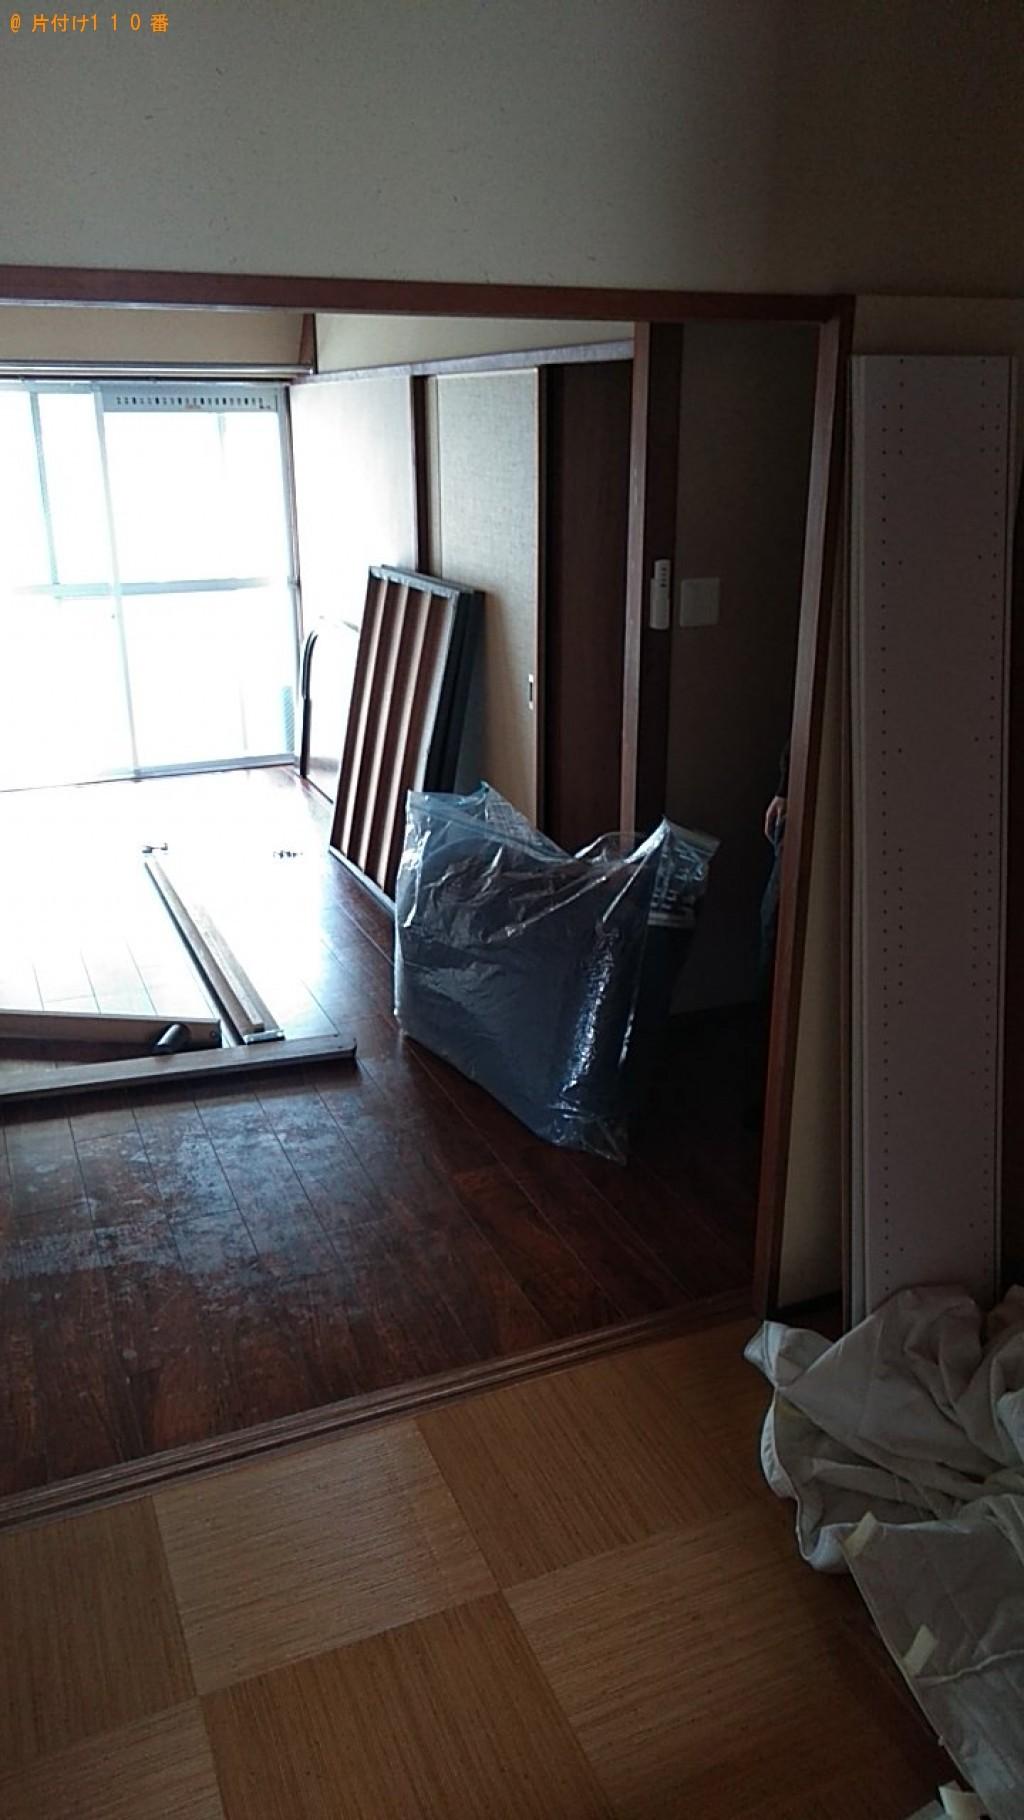 【三朝町】カラーボックス、シングルベッドマットレス等の回収・処分